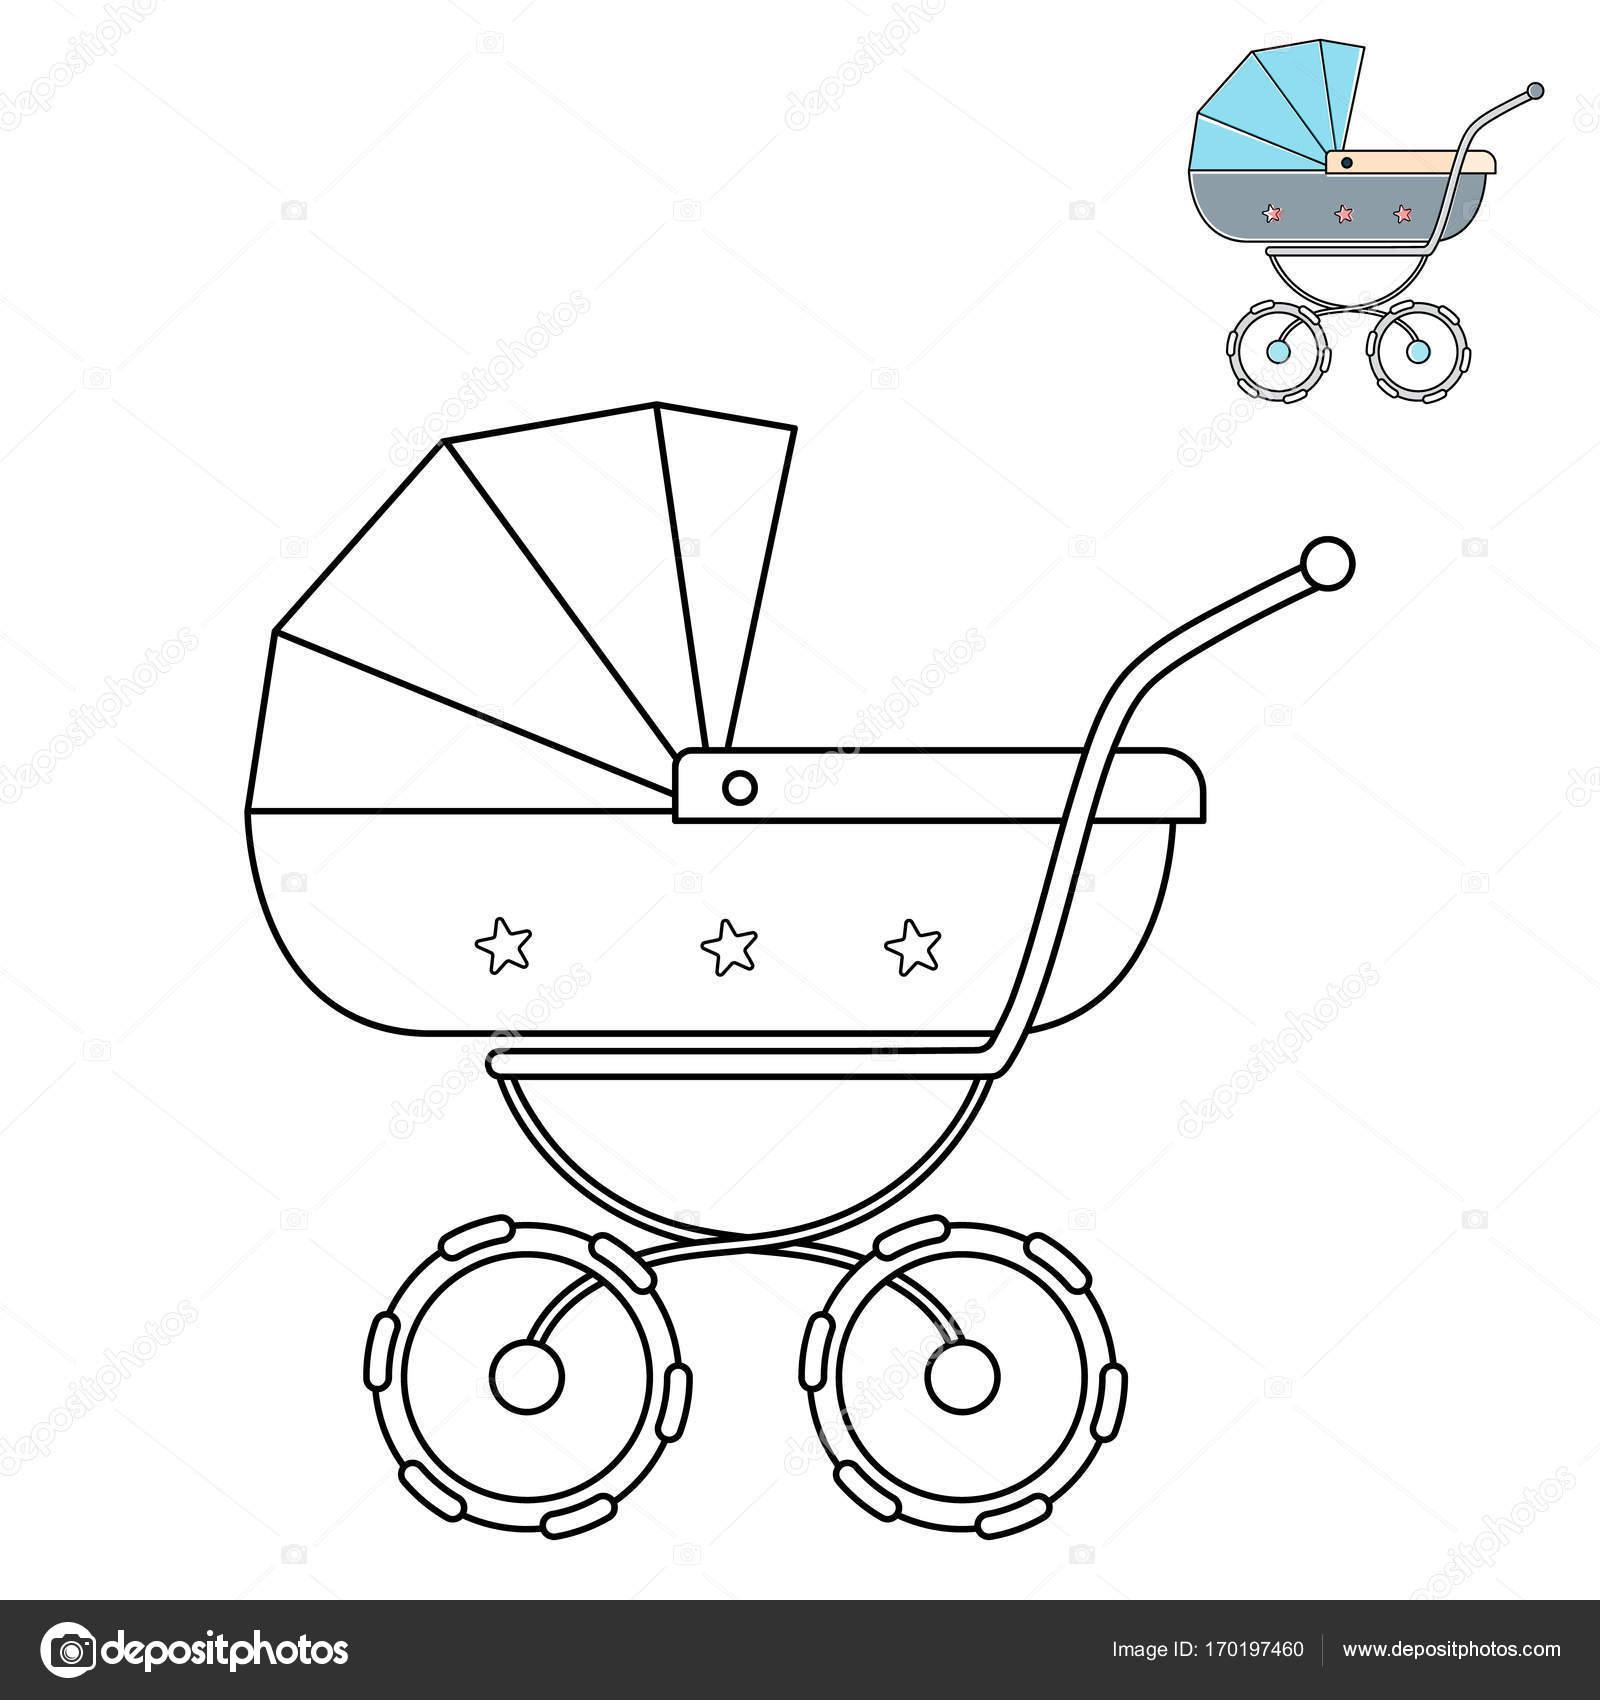 baby wandelwagen zwart wit lijntekening kleurplaat